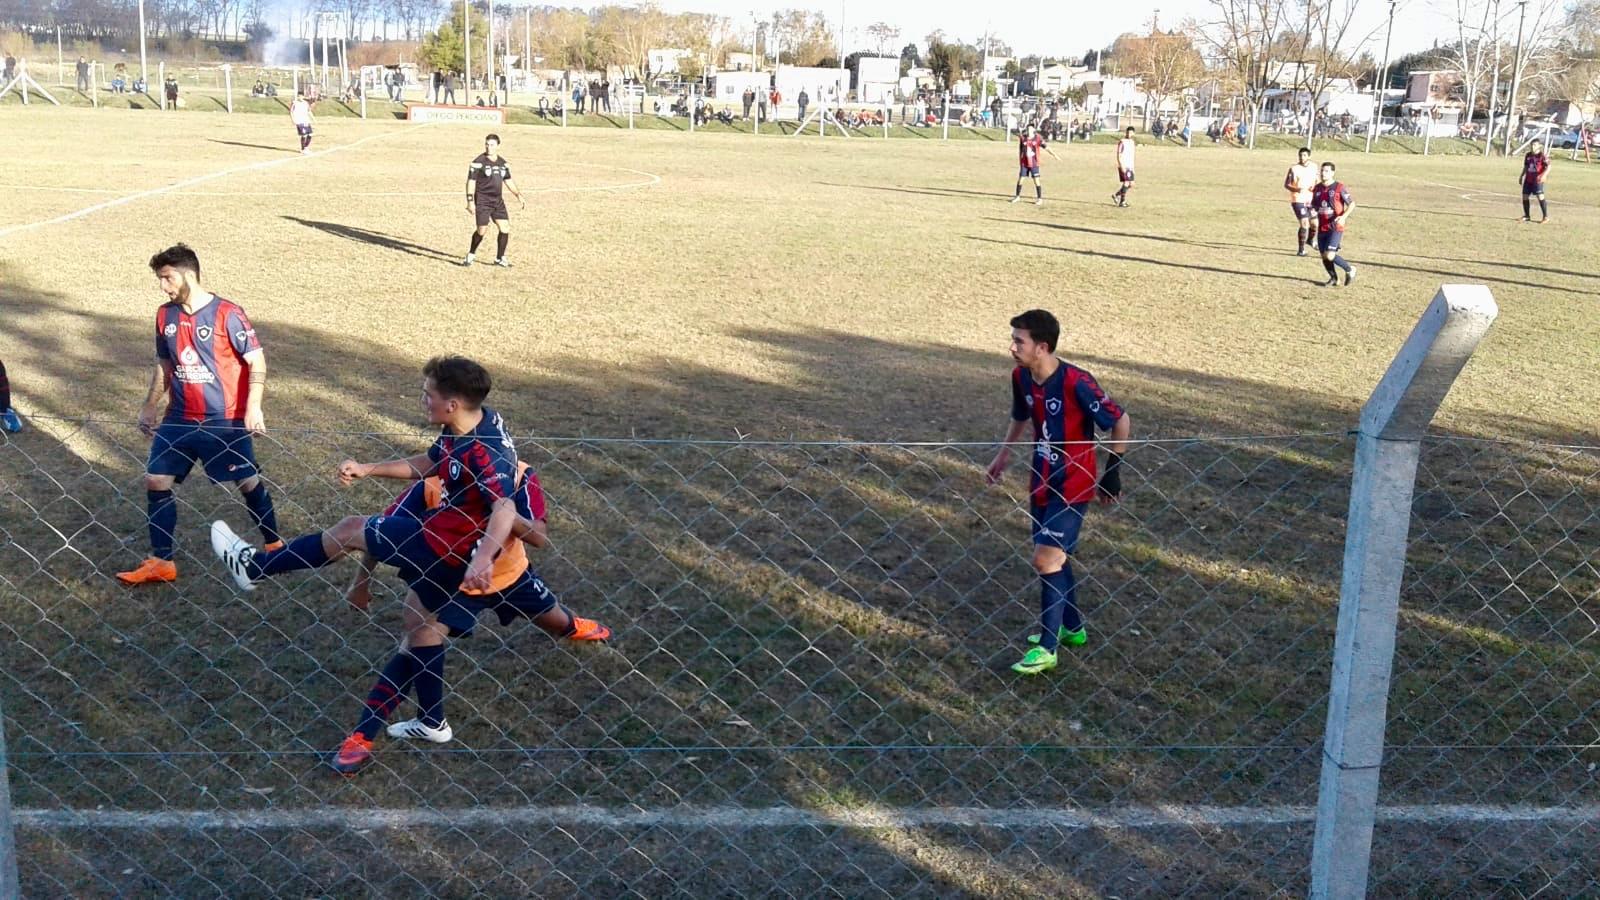 Arrancó el Clausura del Pre Clasificatorio en la Liga Mayor, sigue ganando San Lorenzo.